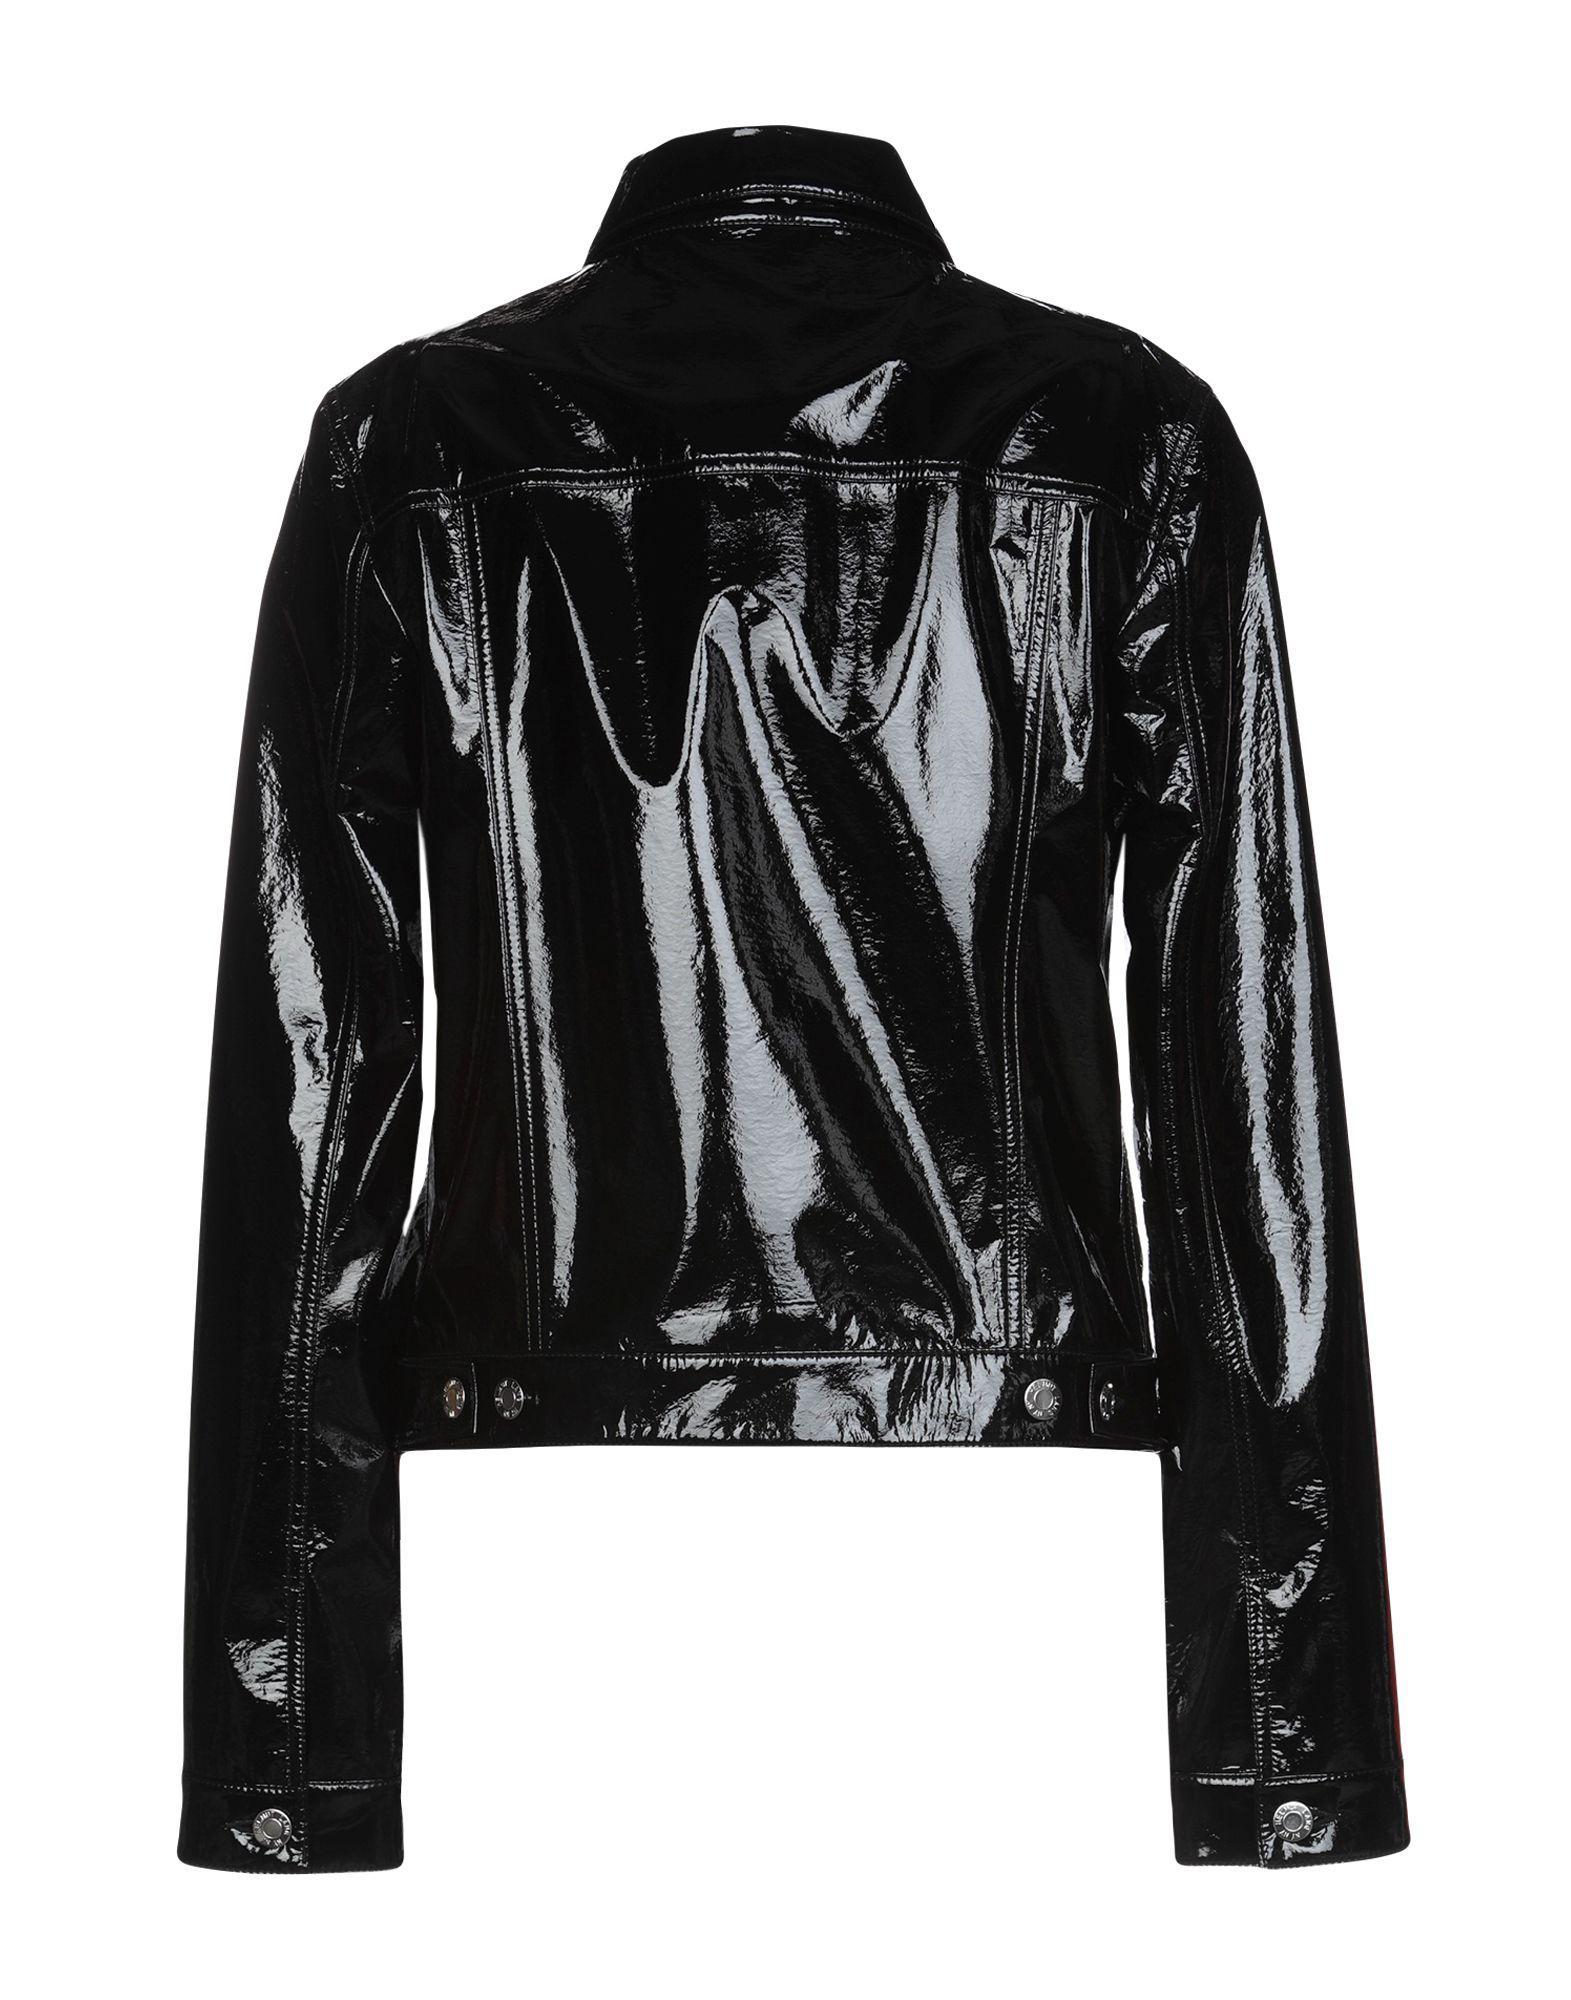 099550ccfd8 Lyst - Blouson Helmut Lang en coloris Noir - 52 % de réduction